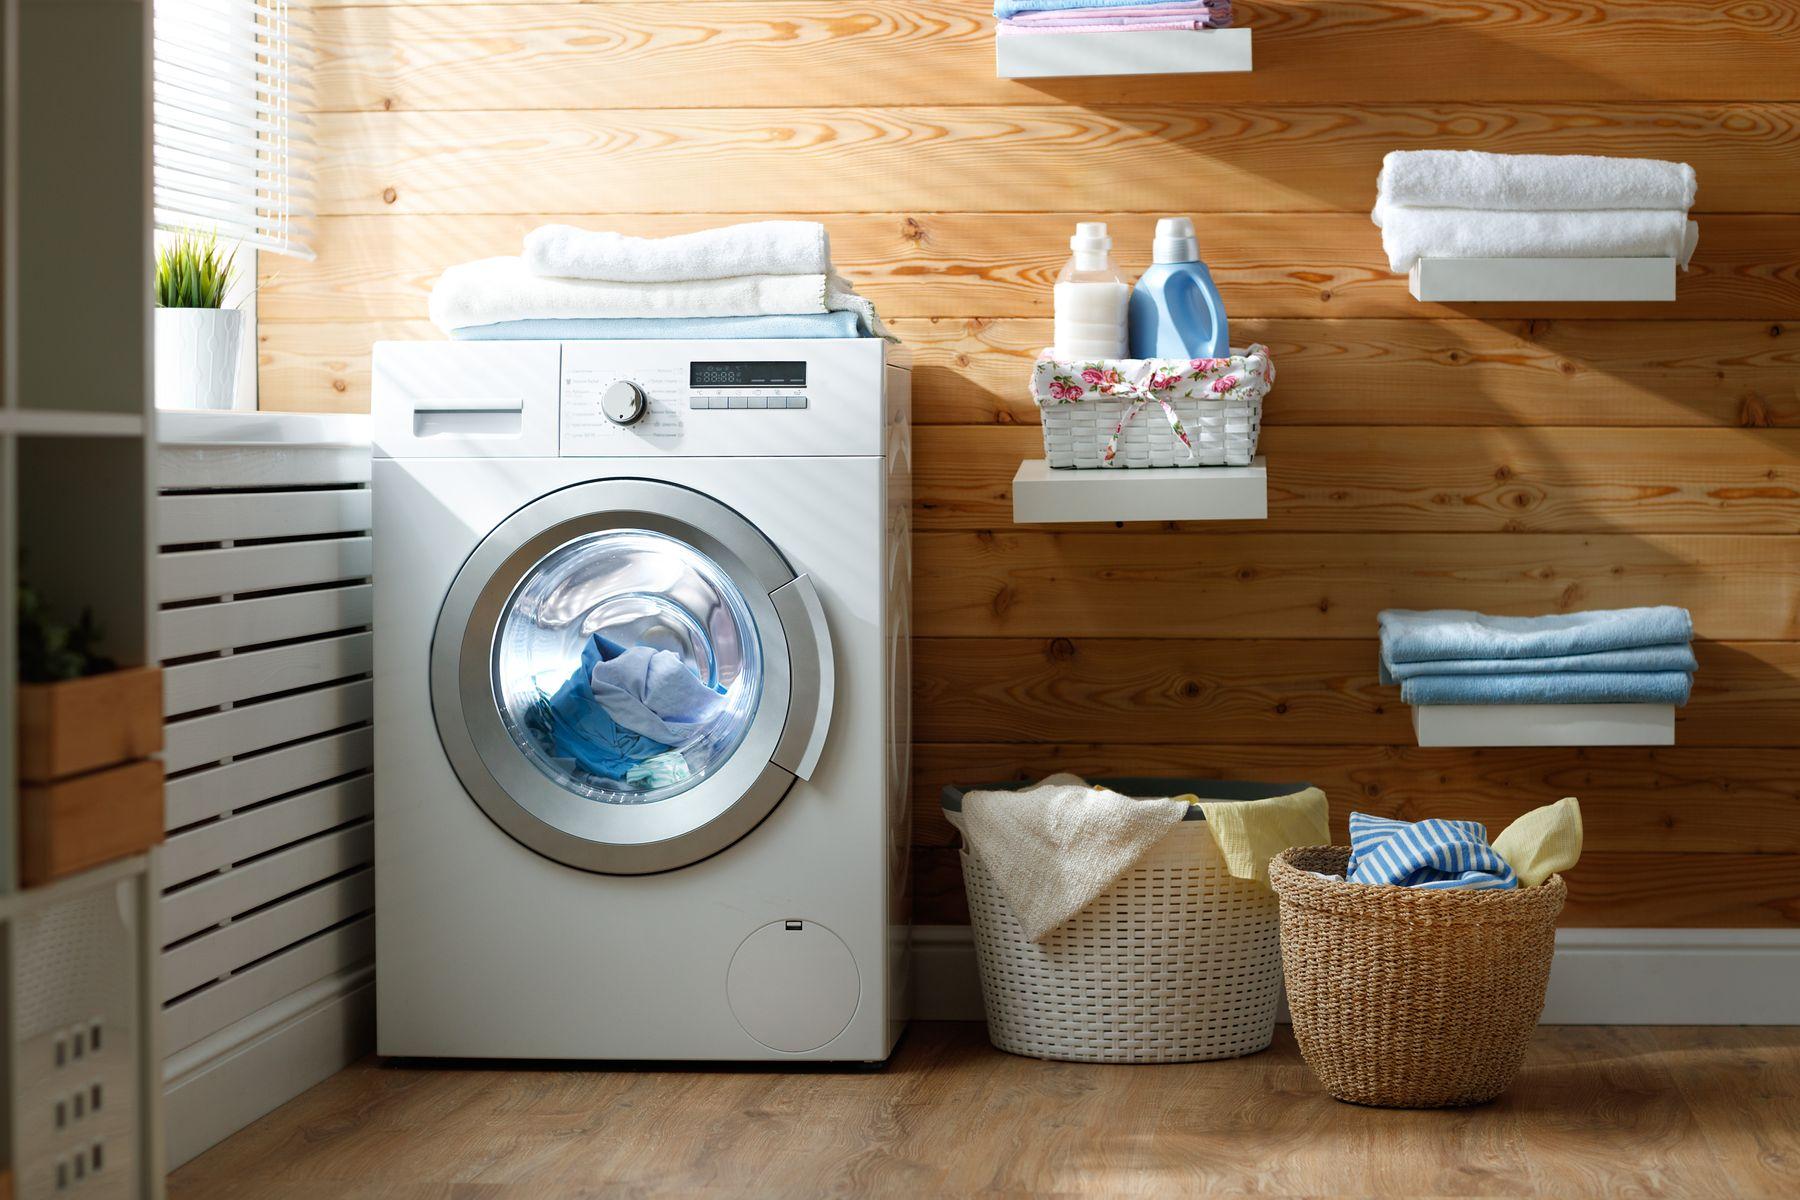 Liquids and Washing Machine